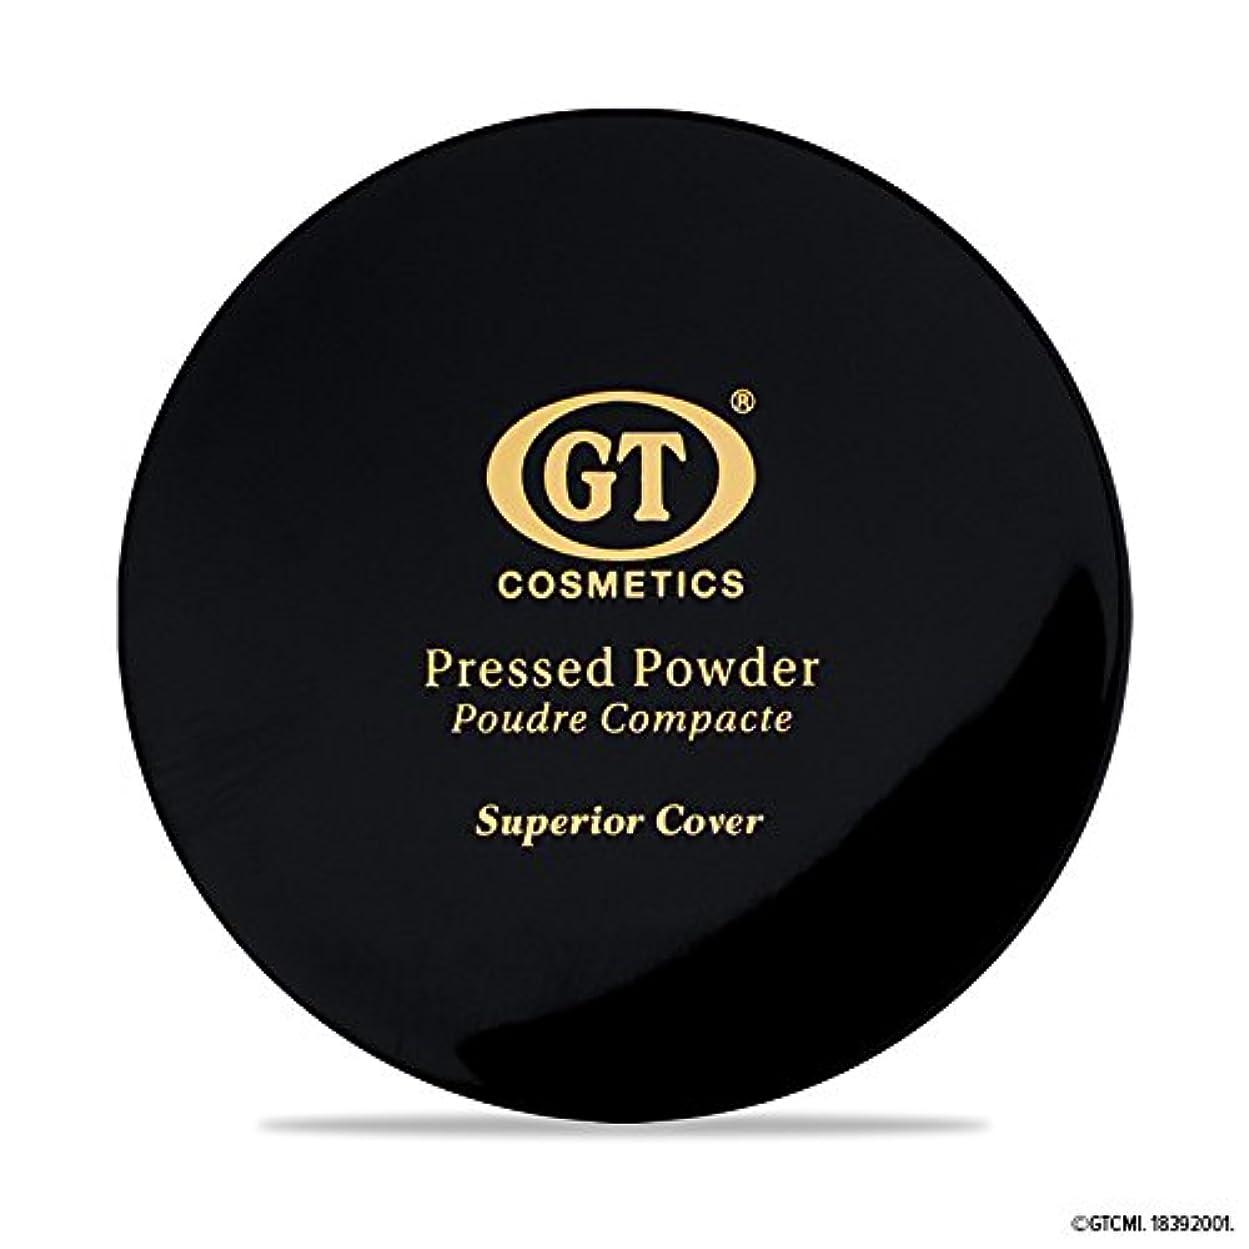 郊外旅行サイズGTpressed powder ナチュラルベージュ SPF20 正規輸入代理店 日本初上陸 コスメティック オーガニック ファンデーション